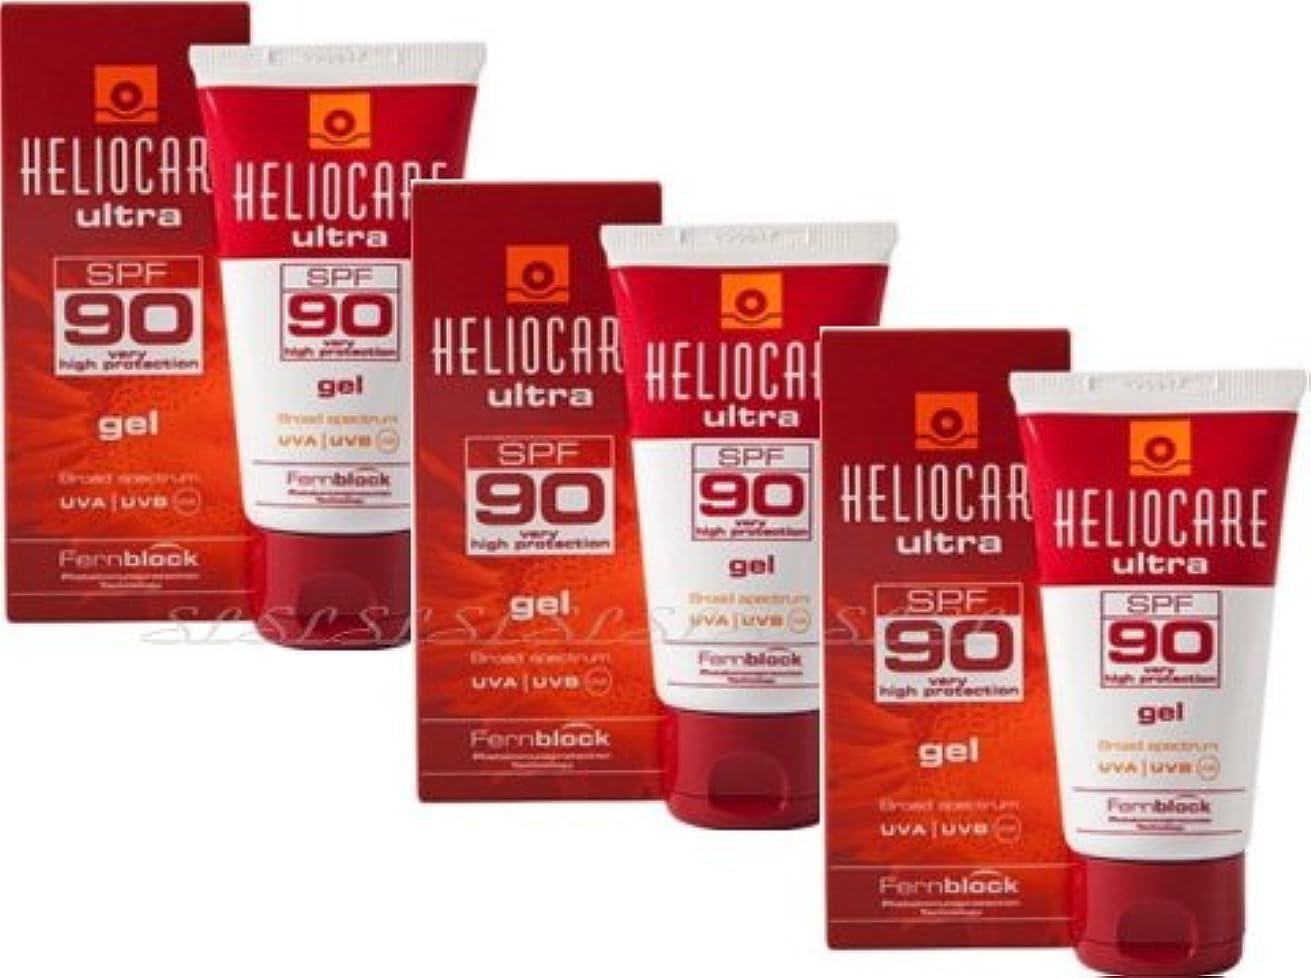 実施する統合電球【3個セット】ヘリオケア サンスクリーン SPF50+ (SPF90相当) ジェルタイプ Heliocare [並行輸入品][海外直送品]